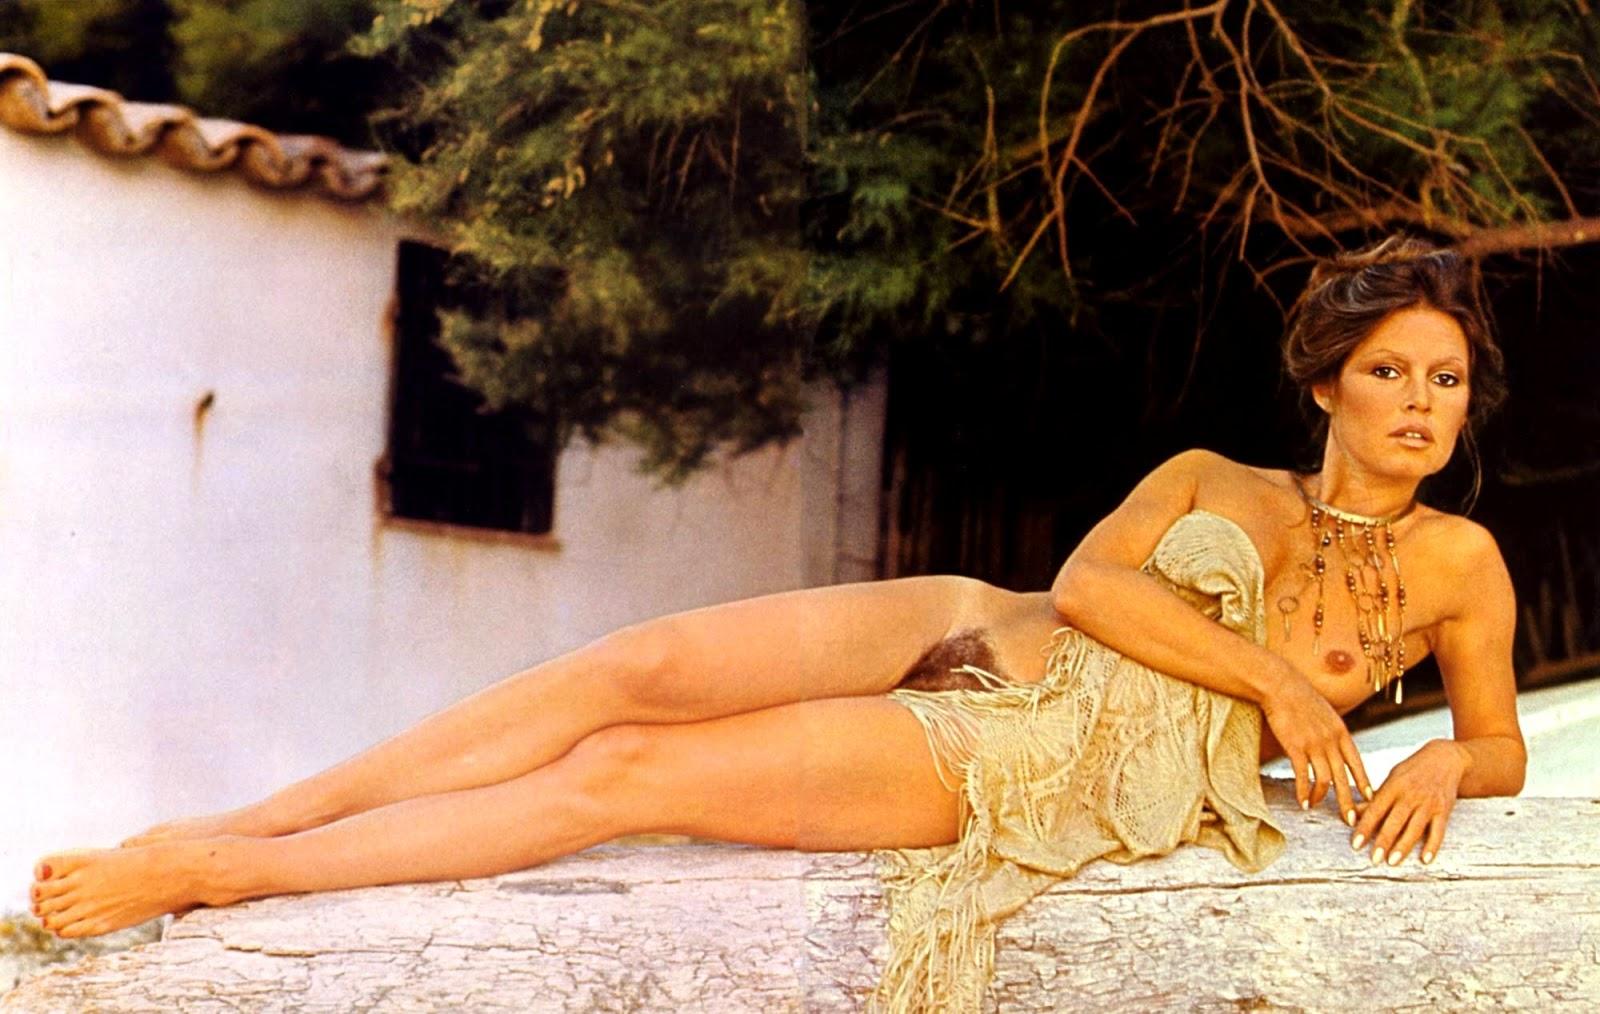 http://2.bp.blogspot.com/-Kk9W_M5w8WQ/TgZ1uDa76DI/AAAAAAAAAzw/zeWx-ILhDxU/s1600/brigitte+bardot+1965.jpg